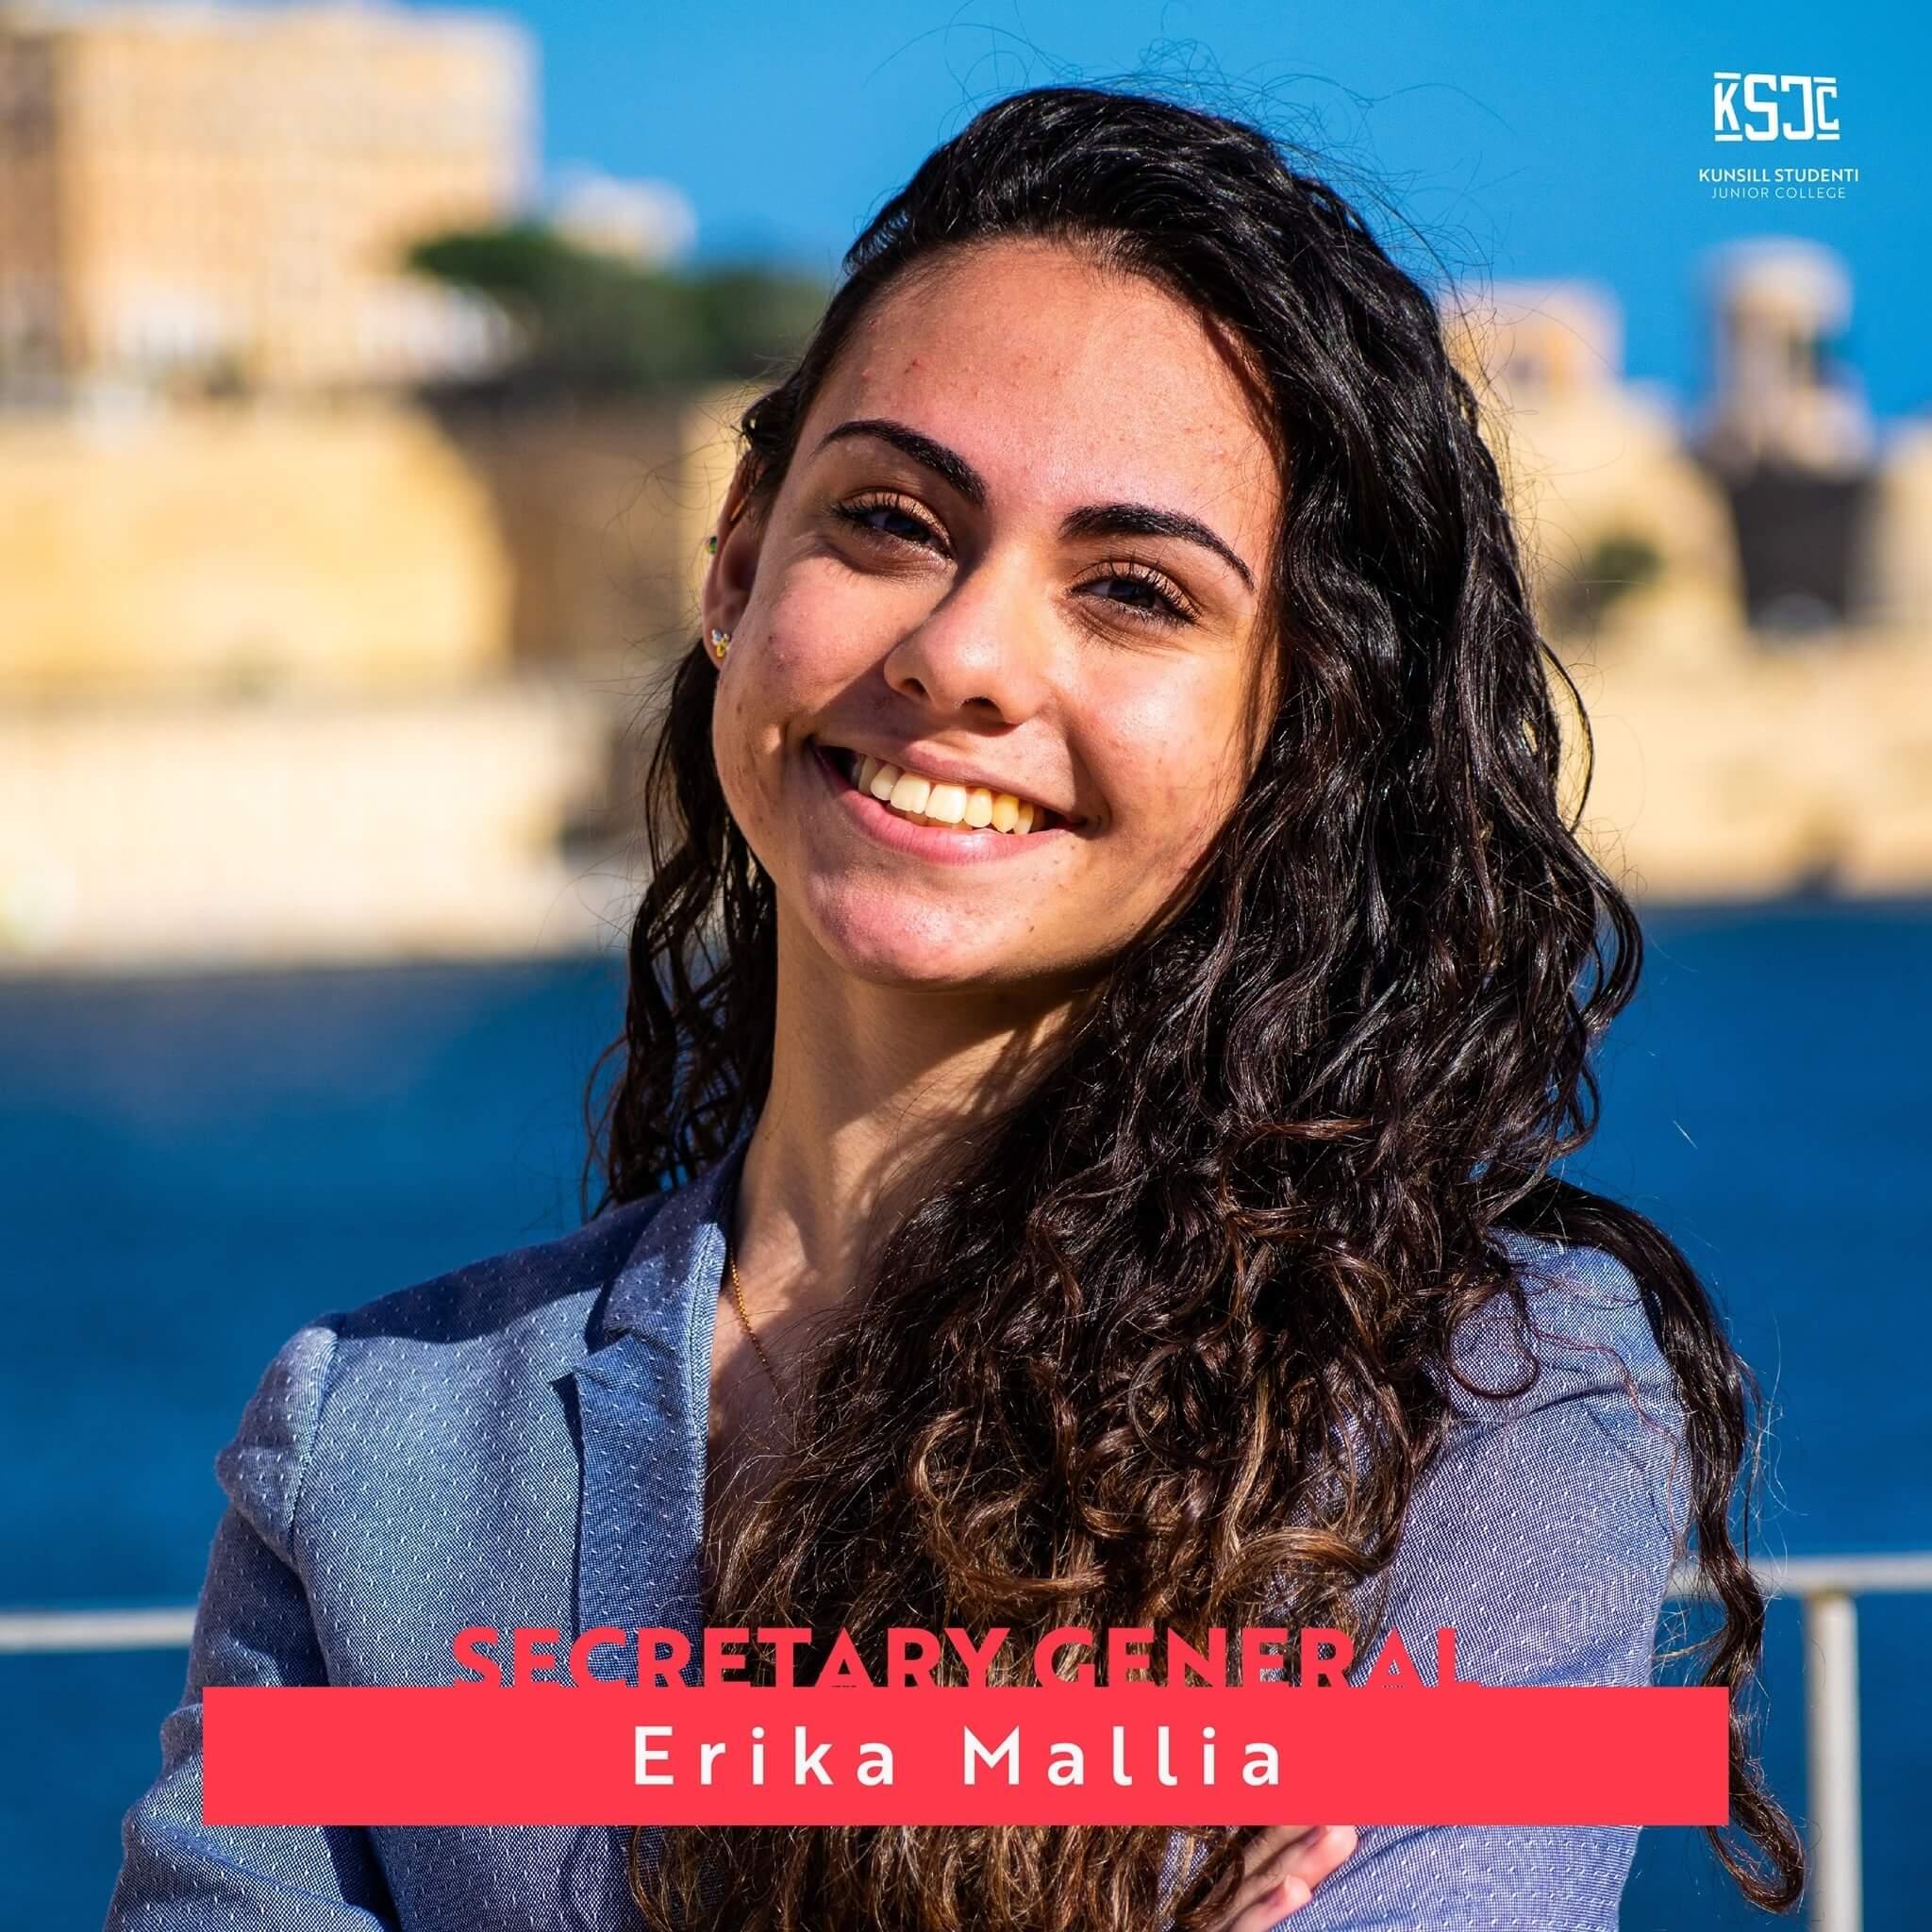 Erika Mallia